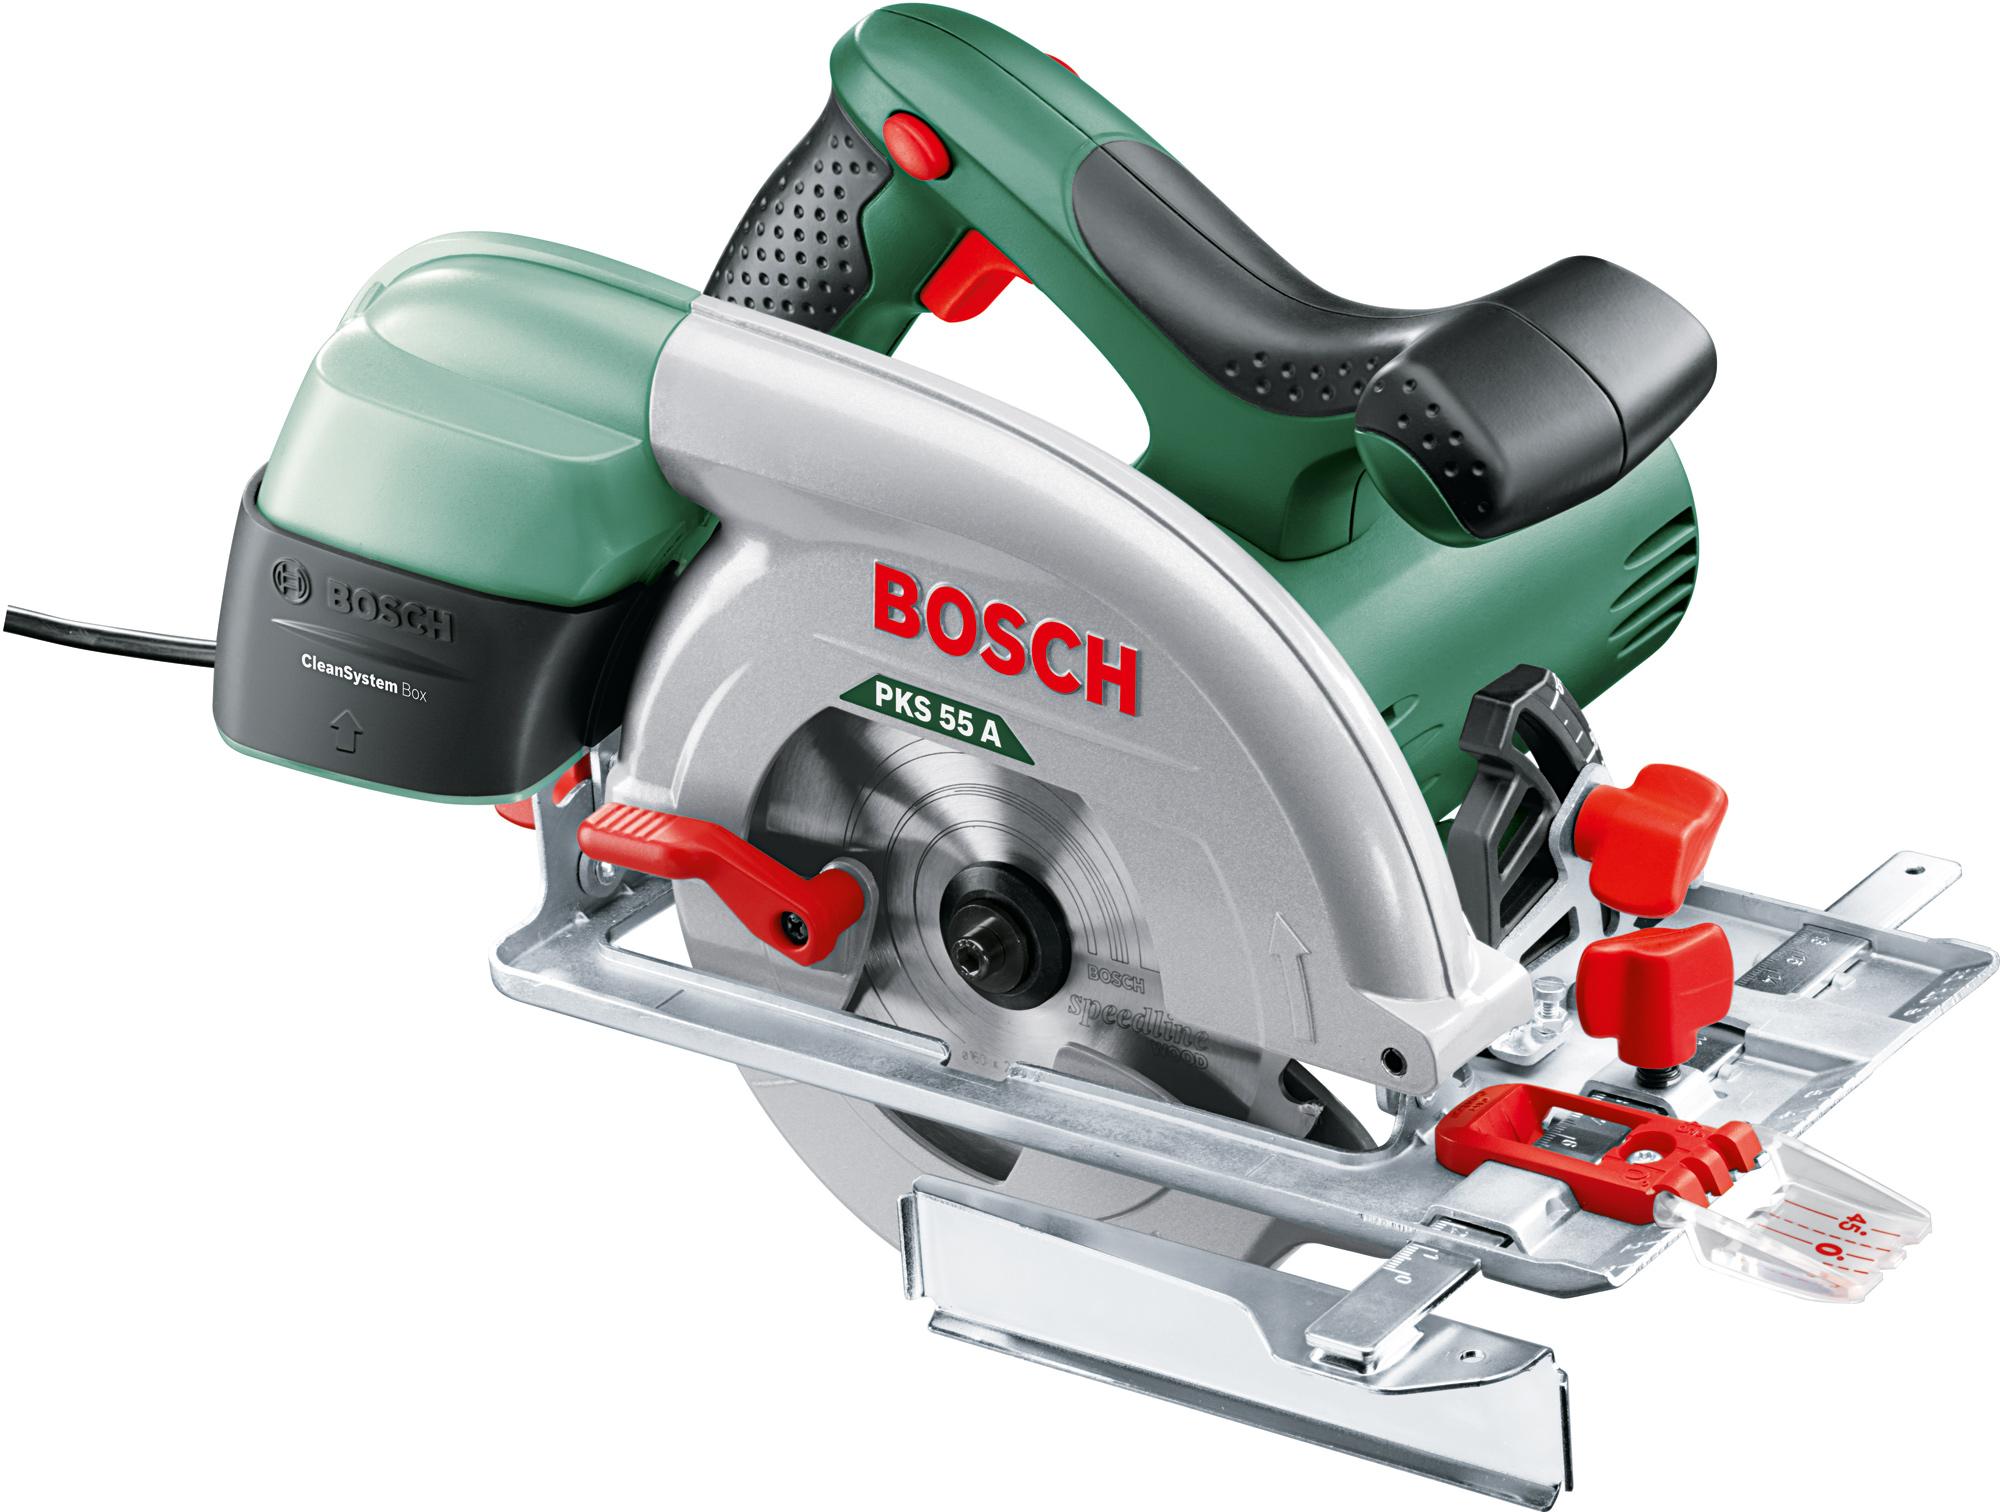 Купить Дисковая пила Bosch, PKS 55 A (0.603.501.020), Китай